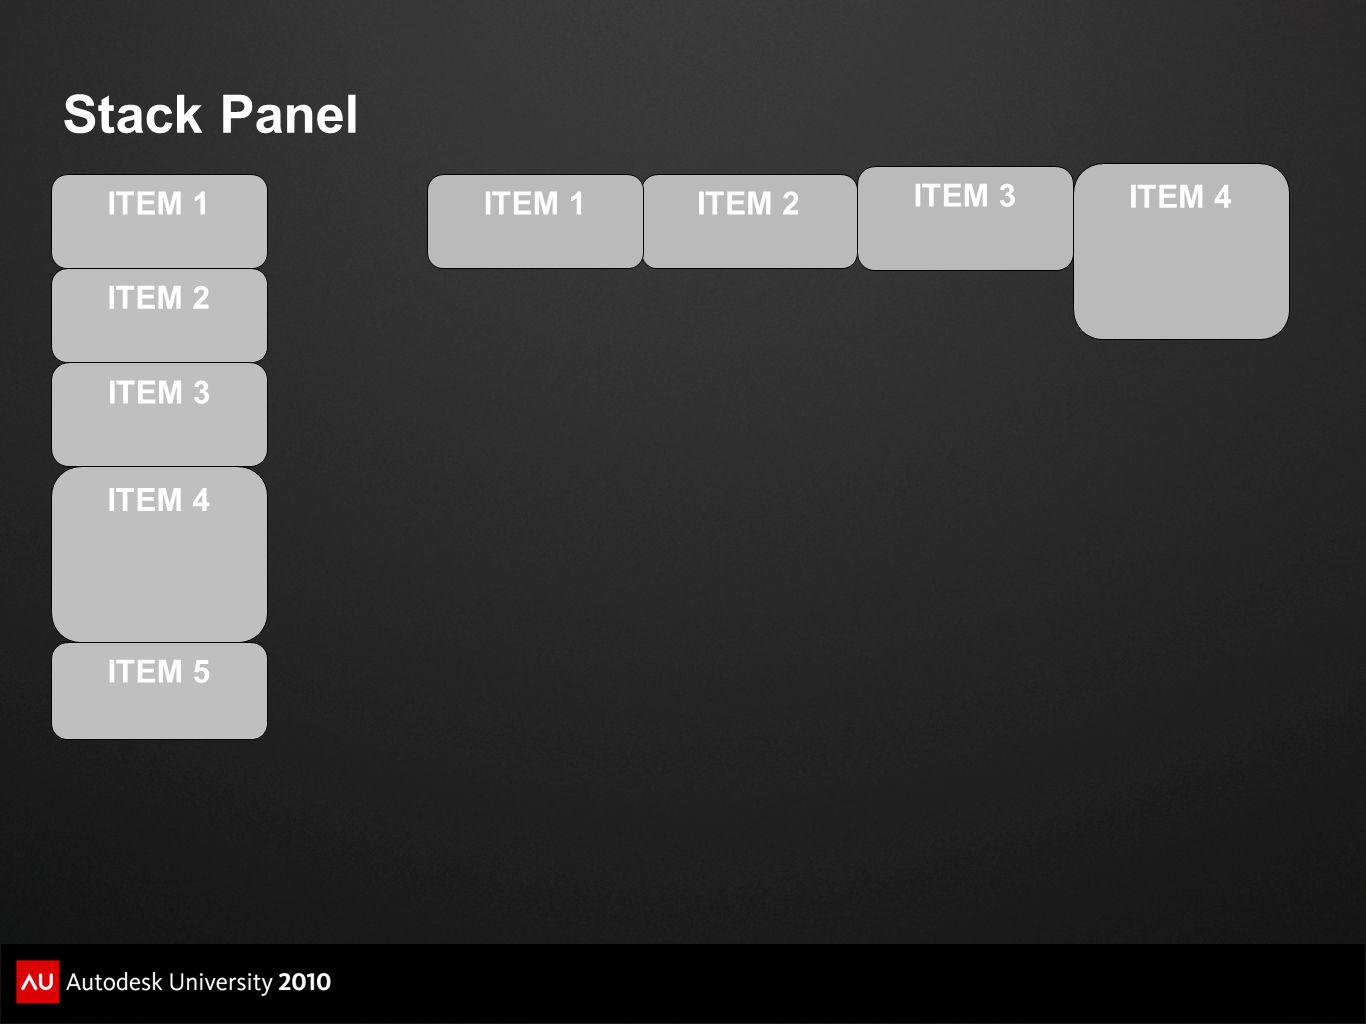 Stack Panel ITEM 2 ITEM 3 ITEM 4 ITEM 5 ITEM 1ITEM 2 ITEM 3 ITEM 4 ITEM 1